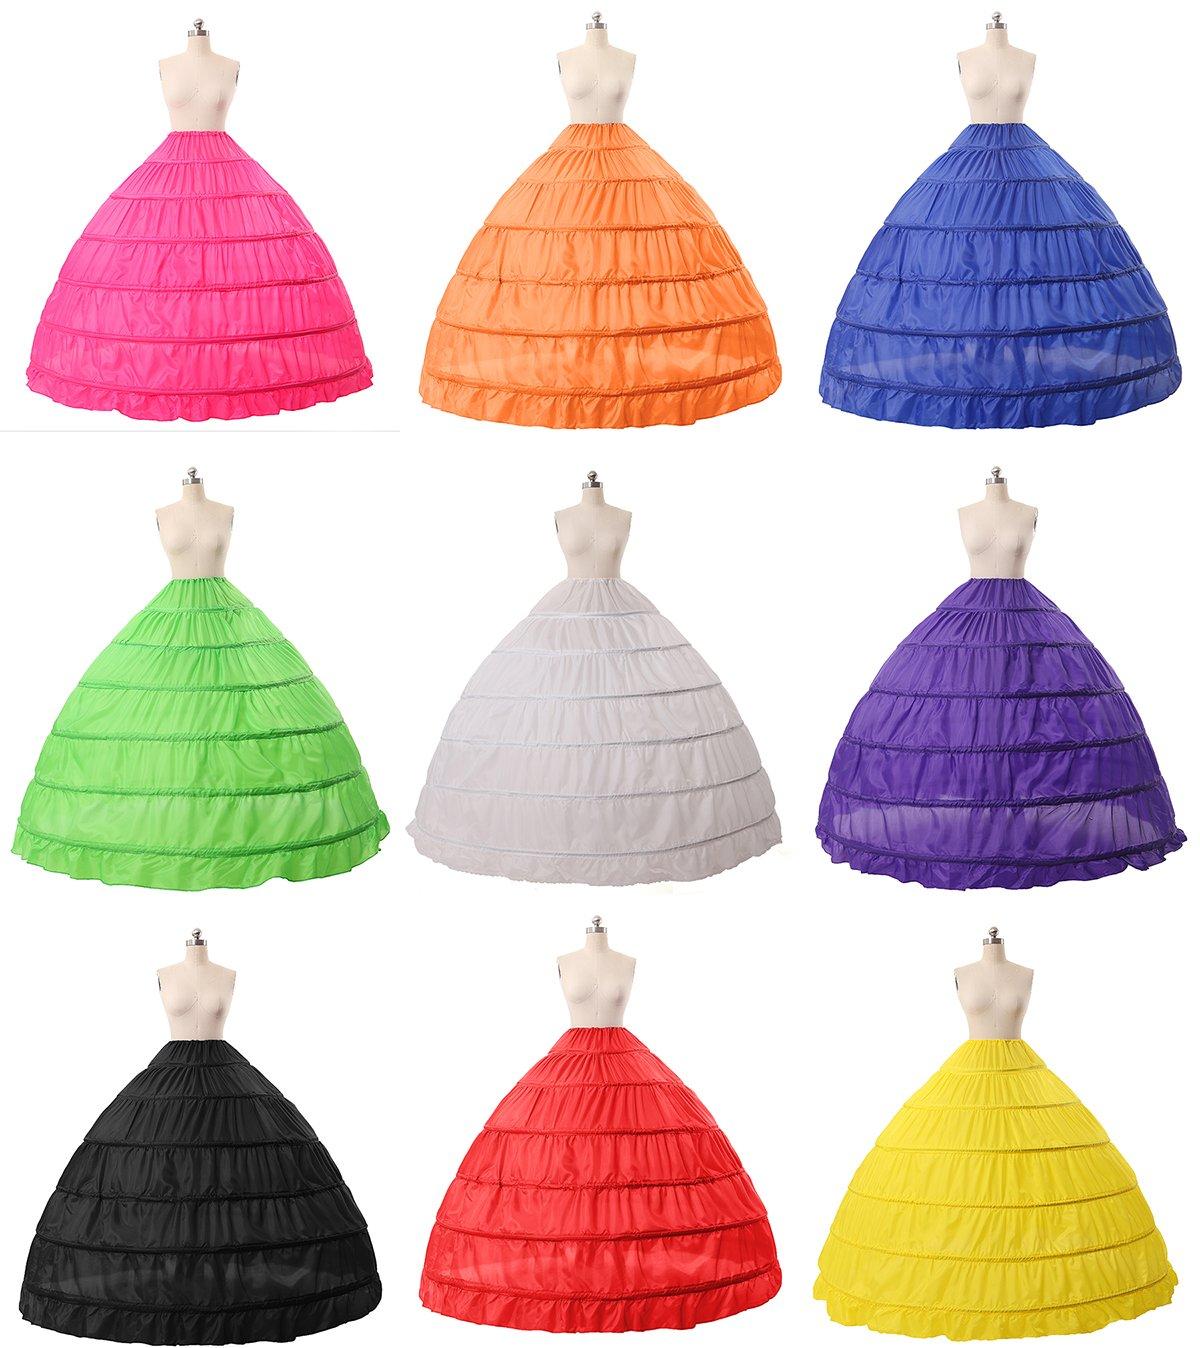 BEAUTELICATE Sottogonna Petticoat Donna Gonna Lunga 6 Cerchio Crinolina Rockabilly Vintage Sottoveste per Vestito Abito… 3 spesavip